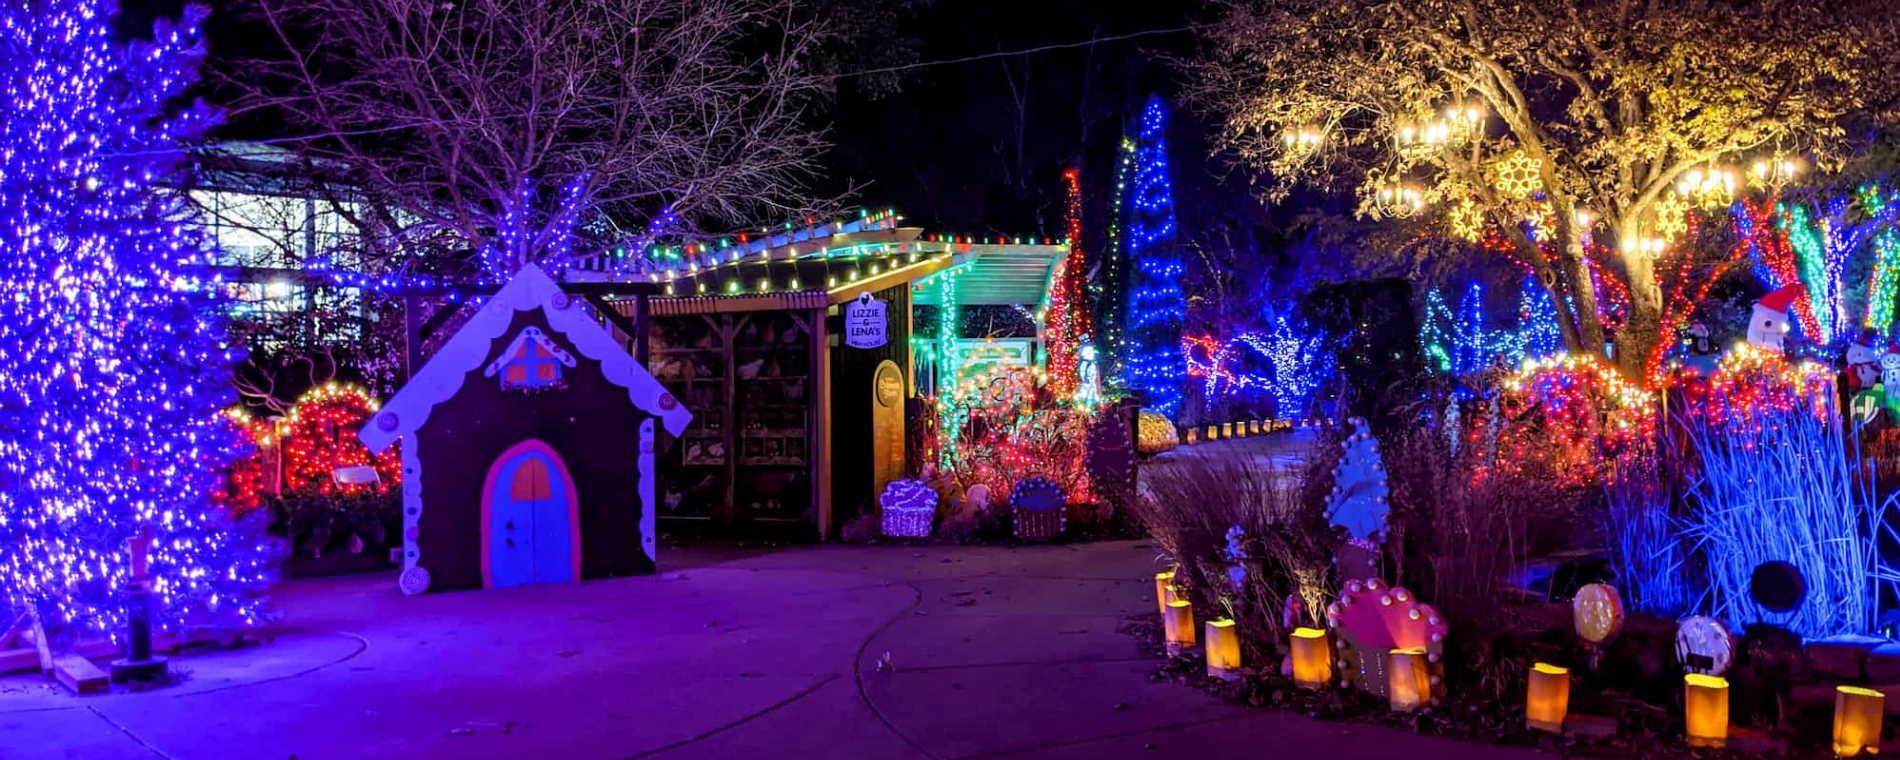 Christmas Light Wichita Ks 2021 Map Illuminations 2020 At Botanica Wichita Holiday Light Display